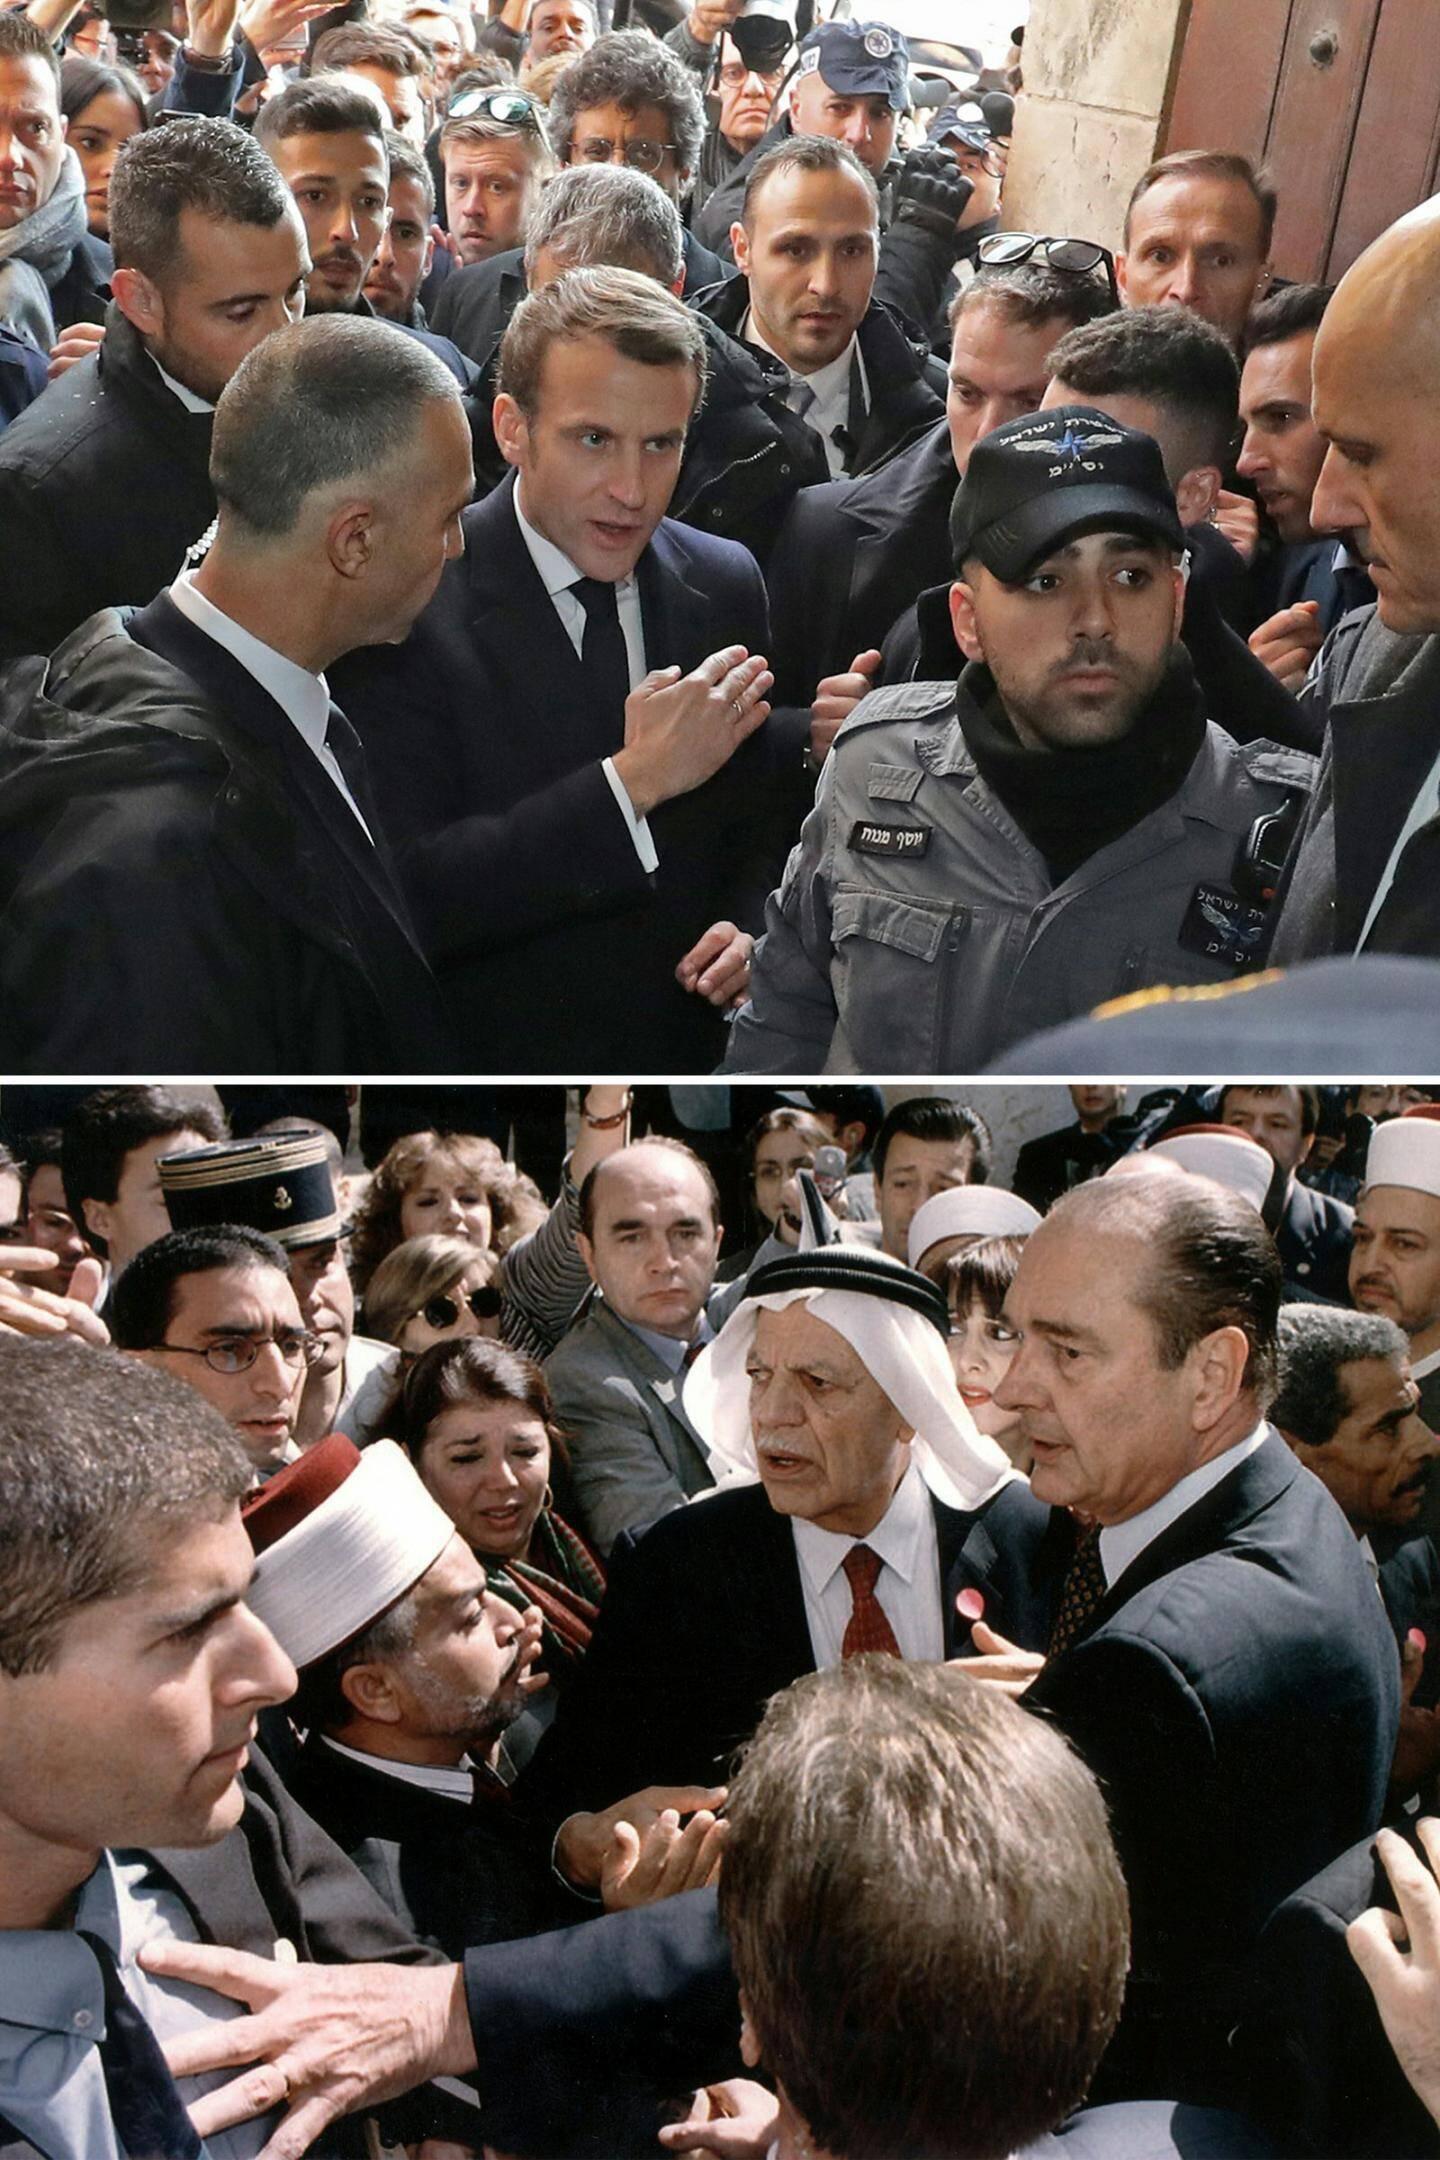 Le président français Emmanuel Macron a demandé avec insistance mercredi à des policiers israéliens de bien vouloir le laisser entrer dans l'église Sainte-Anne de Jérusalem, dans une scène rappelant un incident qui avait impliqué Jacques Chirac dans les années 1990